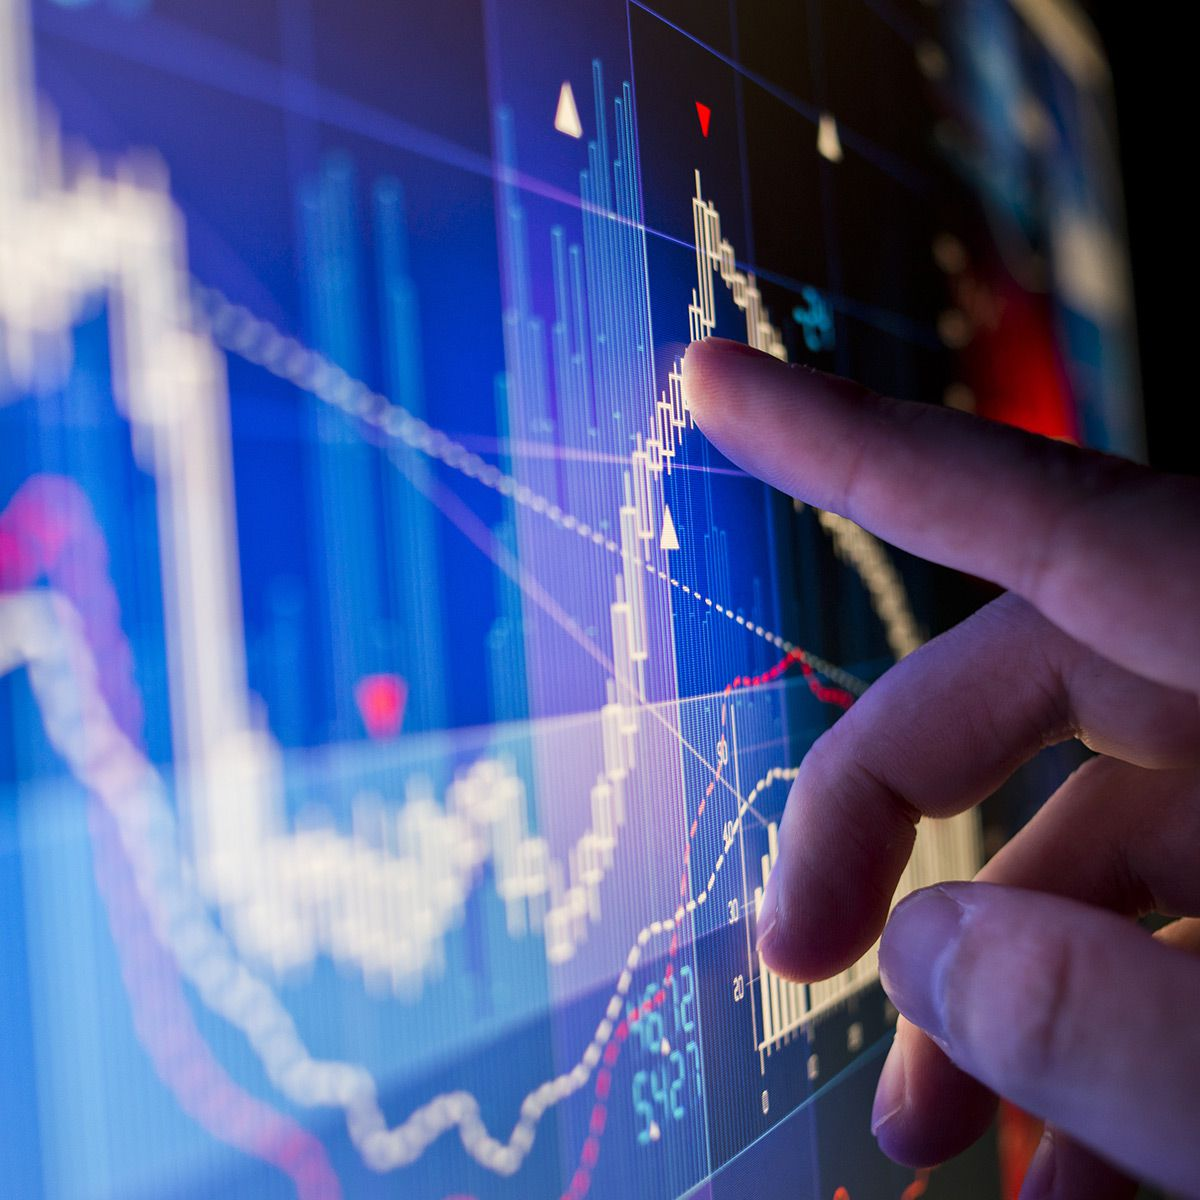 Táticas de Investimento no Mercado de Renda Fixa e de Ações  - PUC Minas